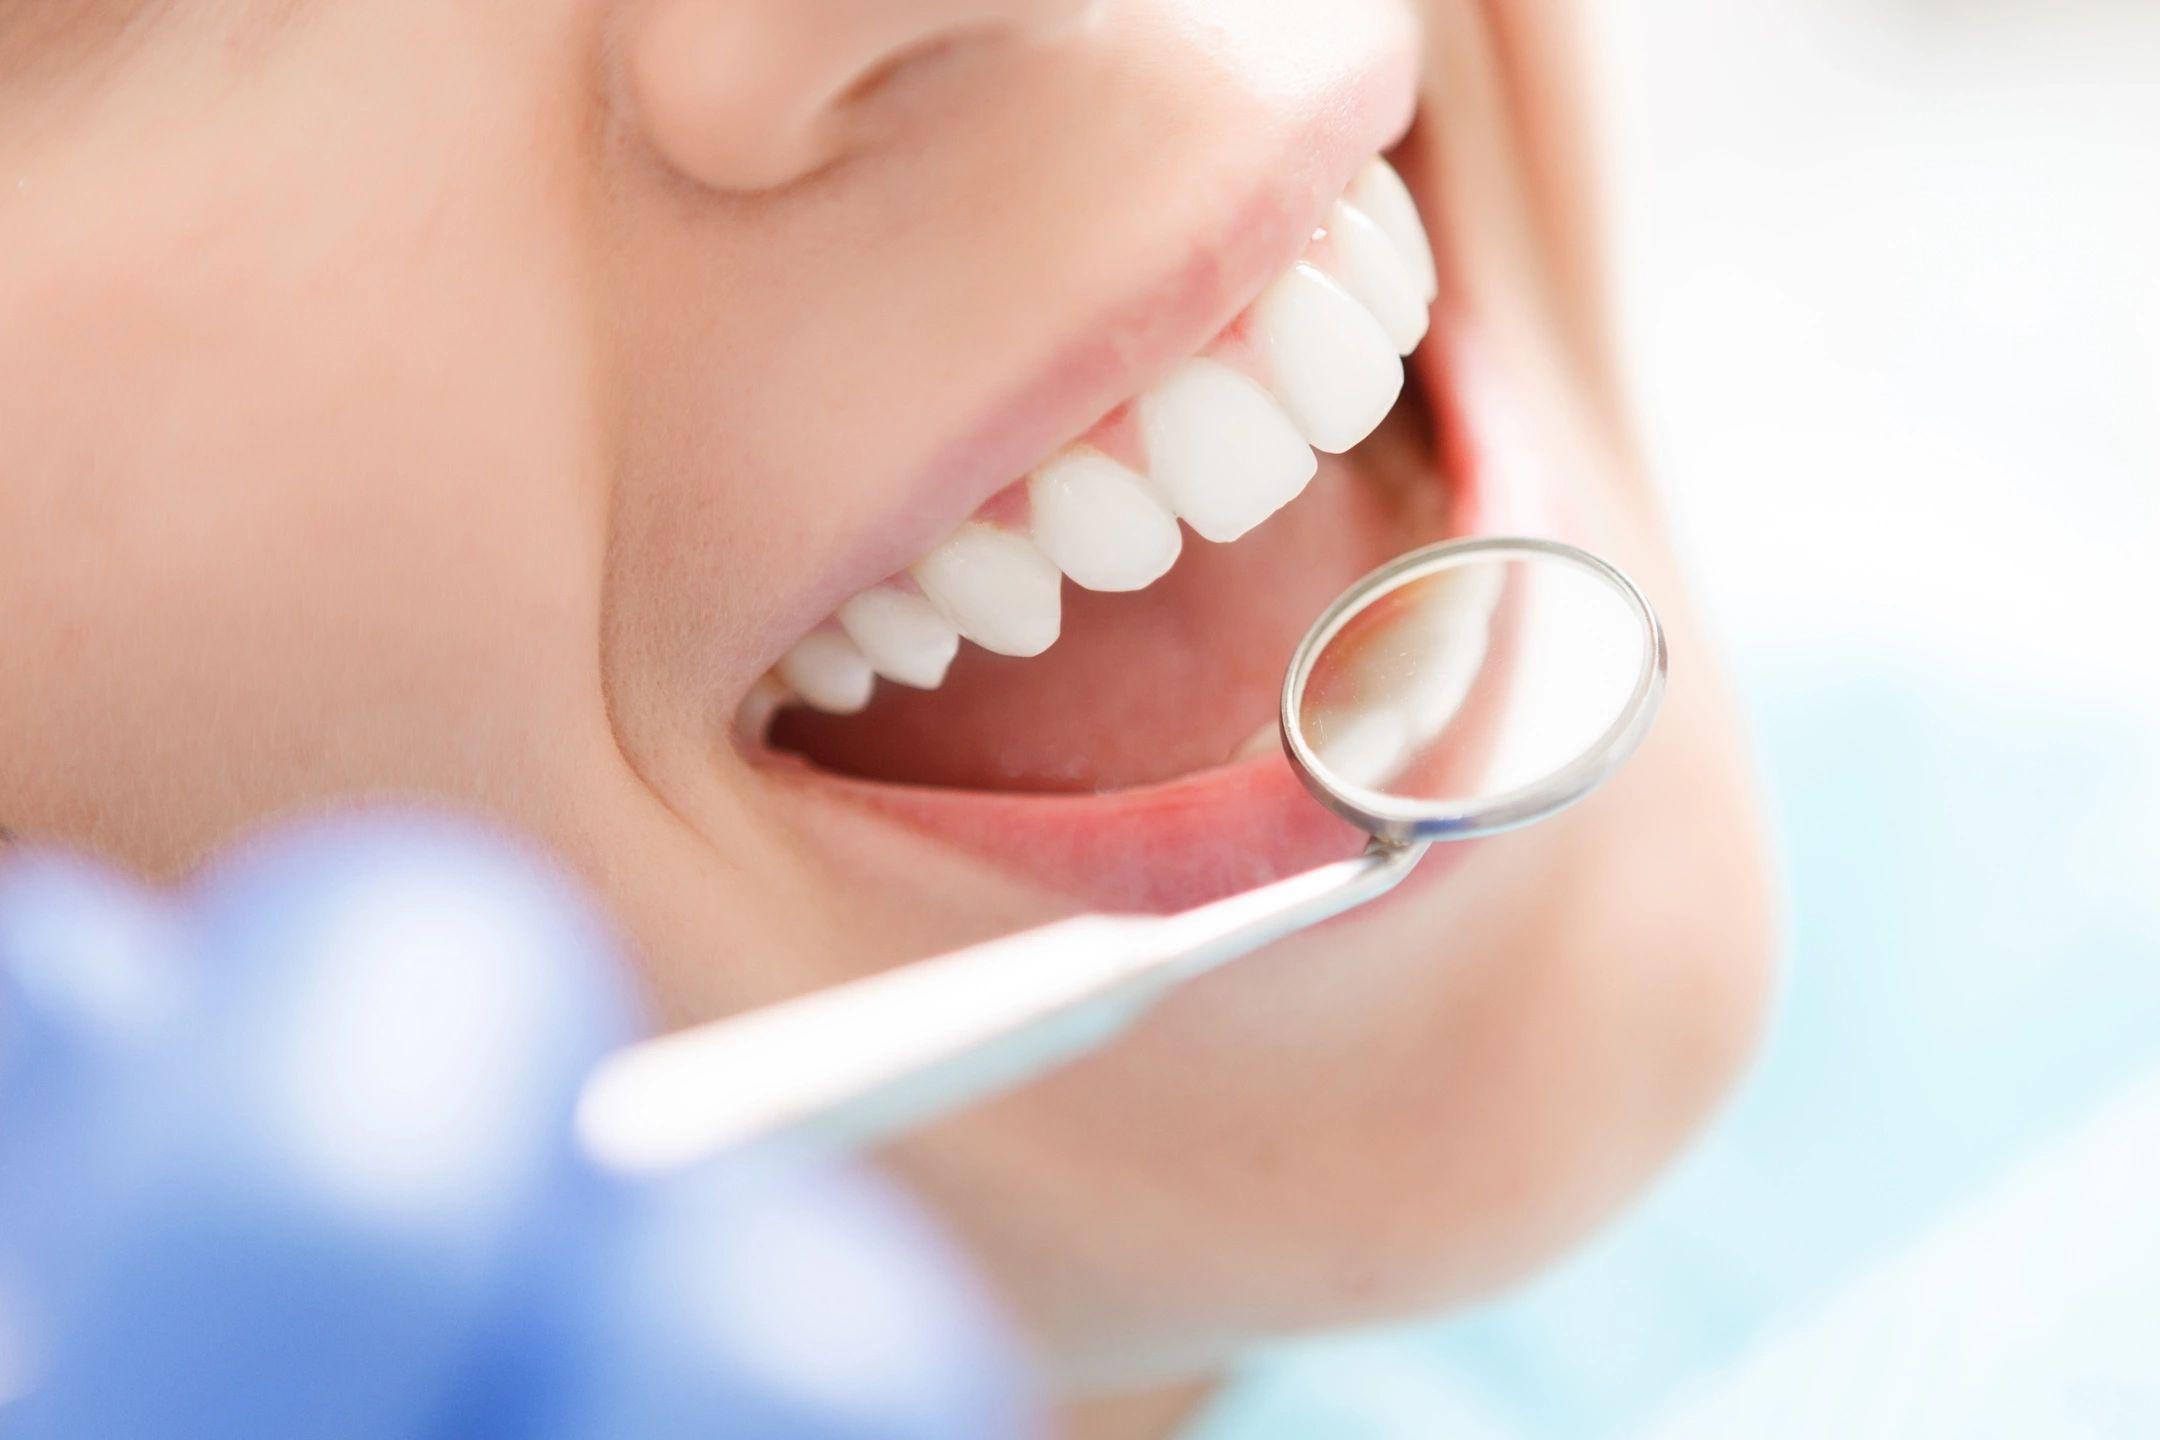 Alanya'da Diş Hekimliğinde Yeni Kapı: ALKÜ Diş Hekimliği Fakültesi Hasta Kabul Ediyor